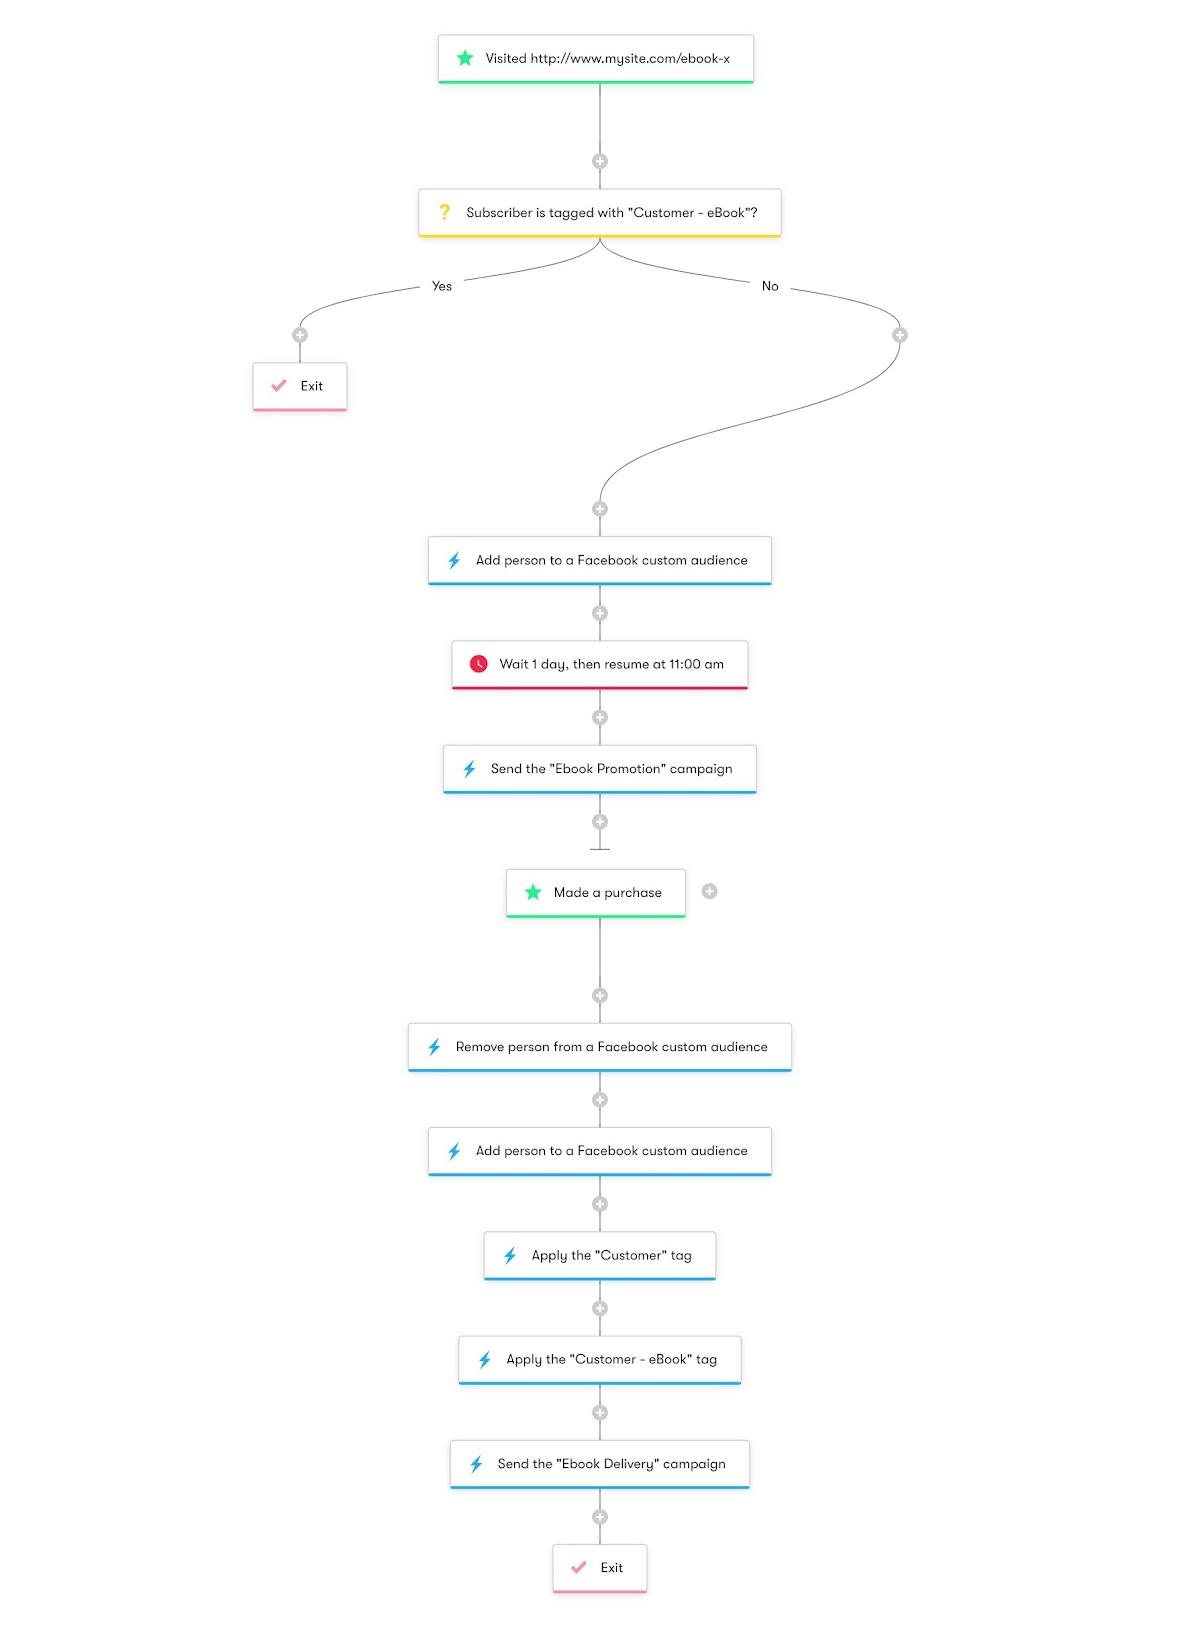 Facebook Custom Audiences Retargeting - Workflow Diagram